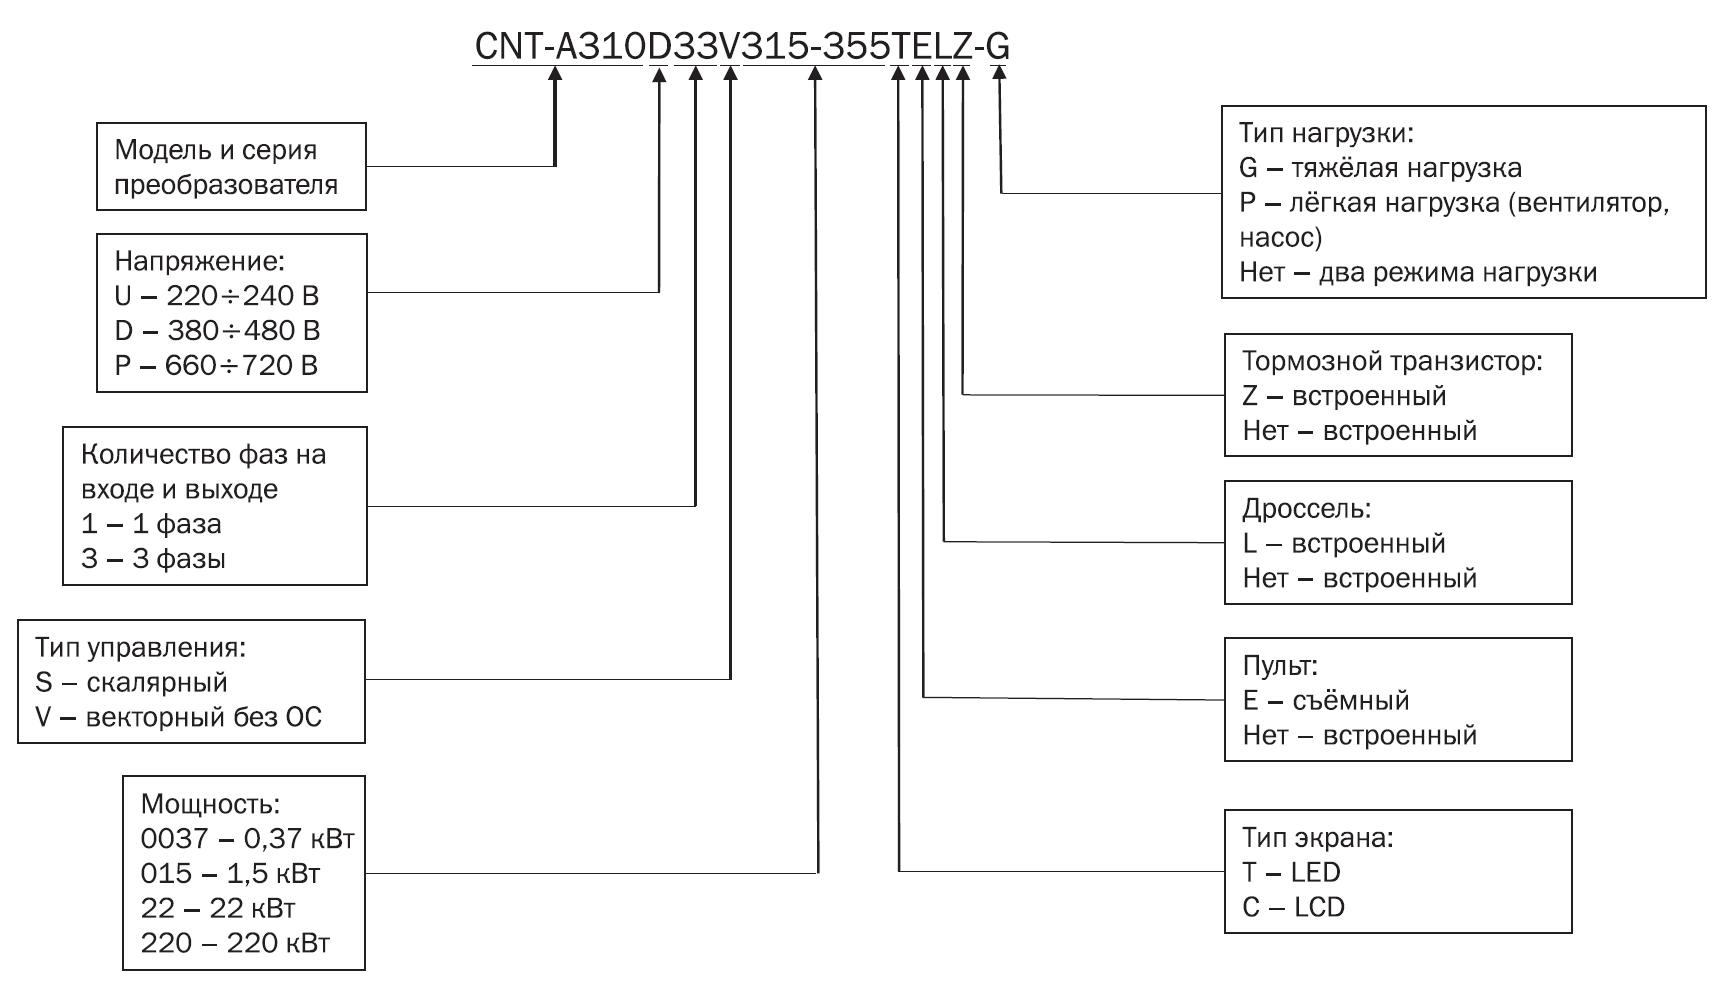 Артикул частотный преобразователь IEK расшифровка